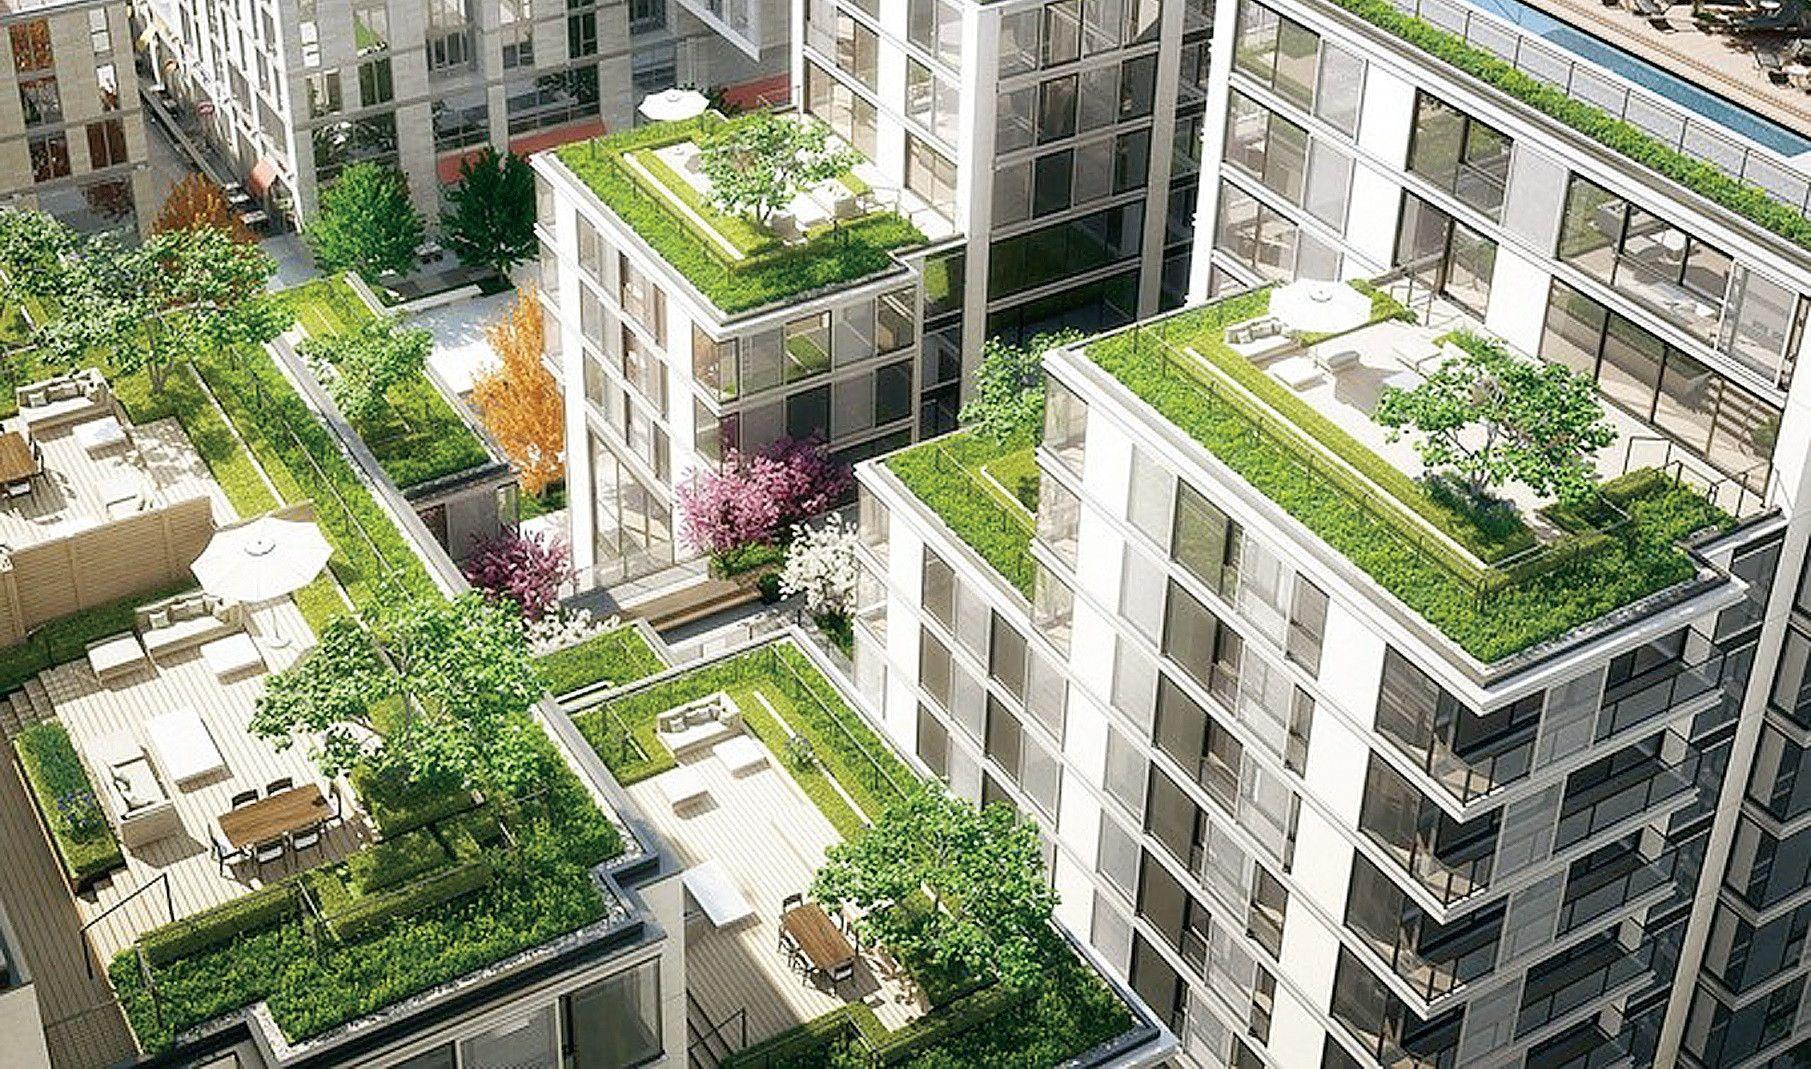 Arquitectura sostenible Ventilacion y climatizacion